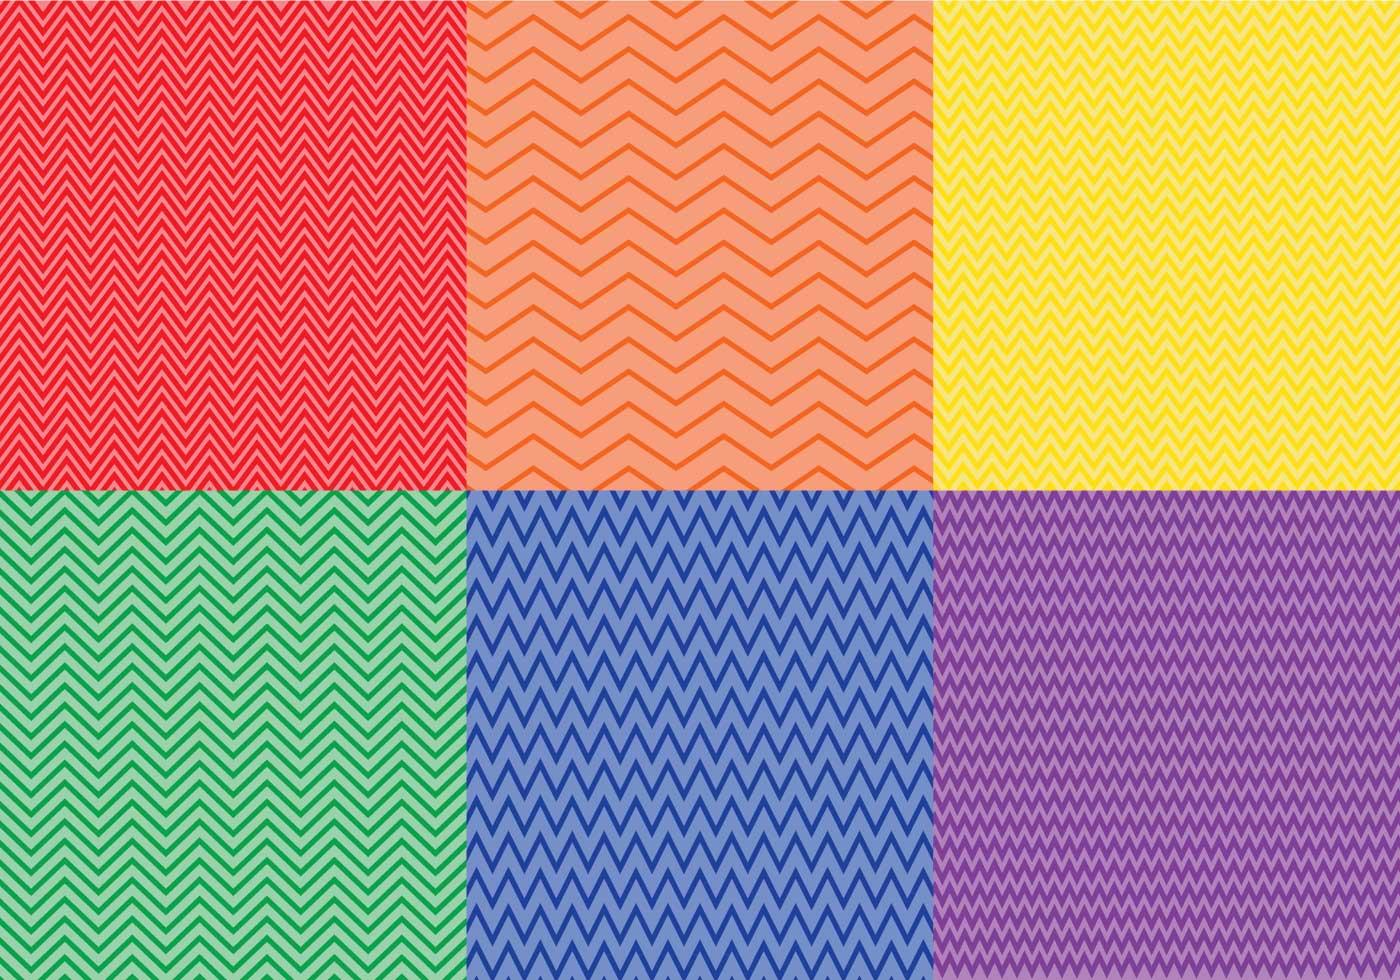 zig zag background vectors download free vector art